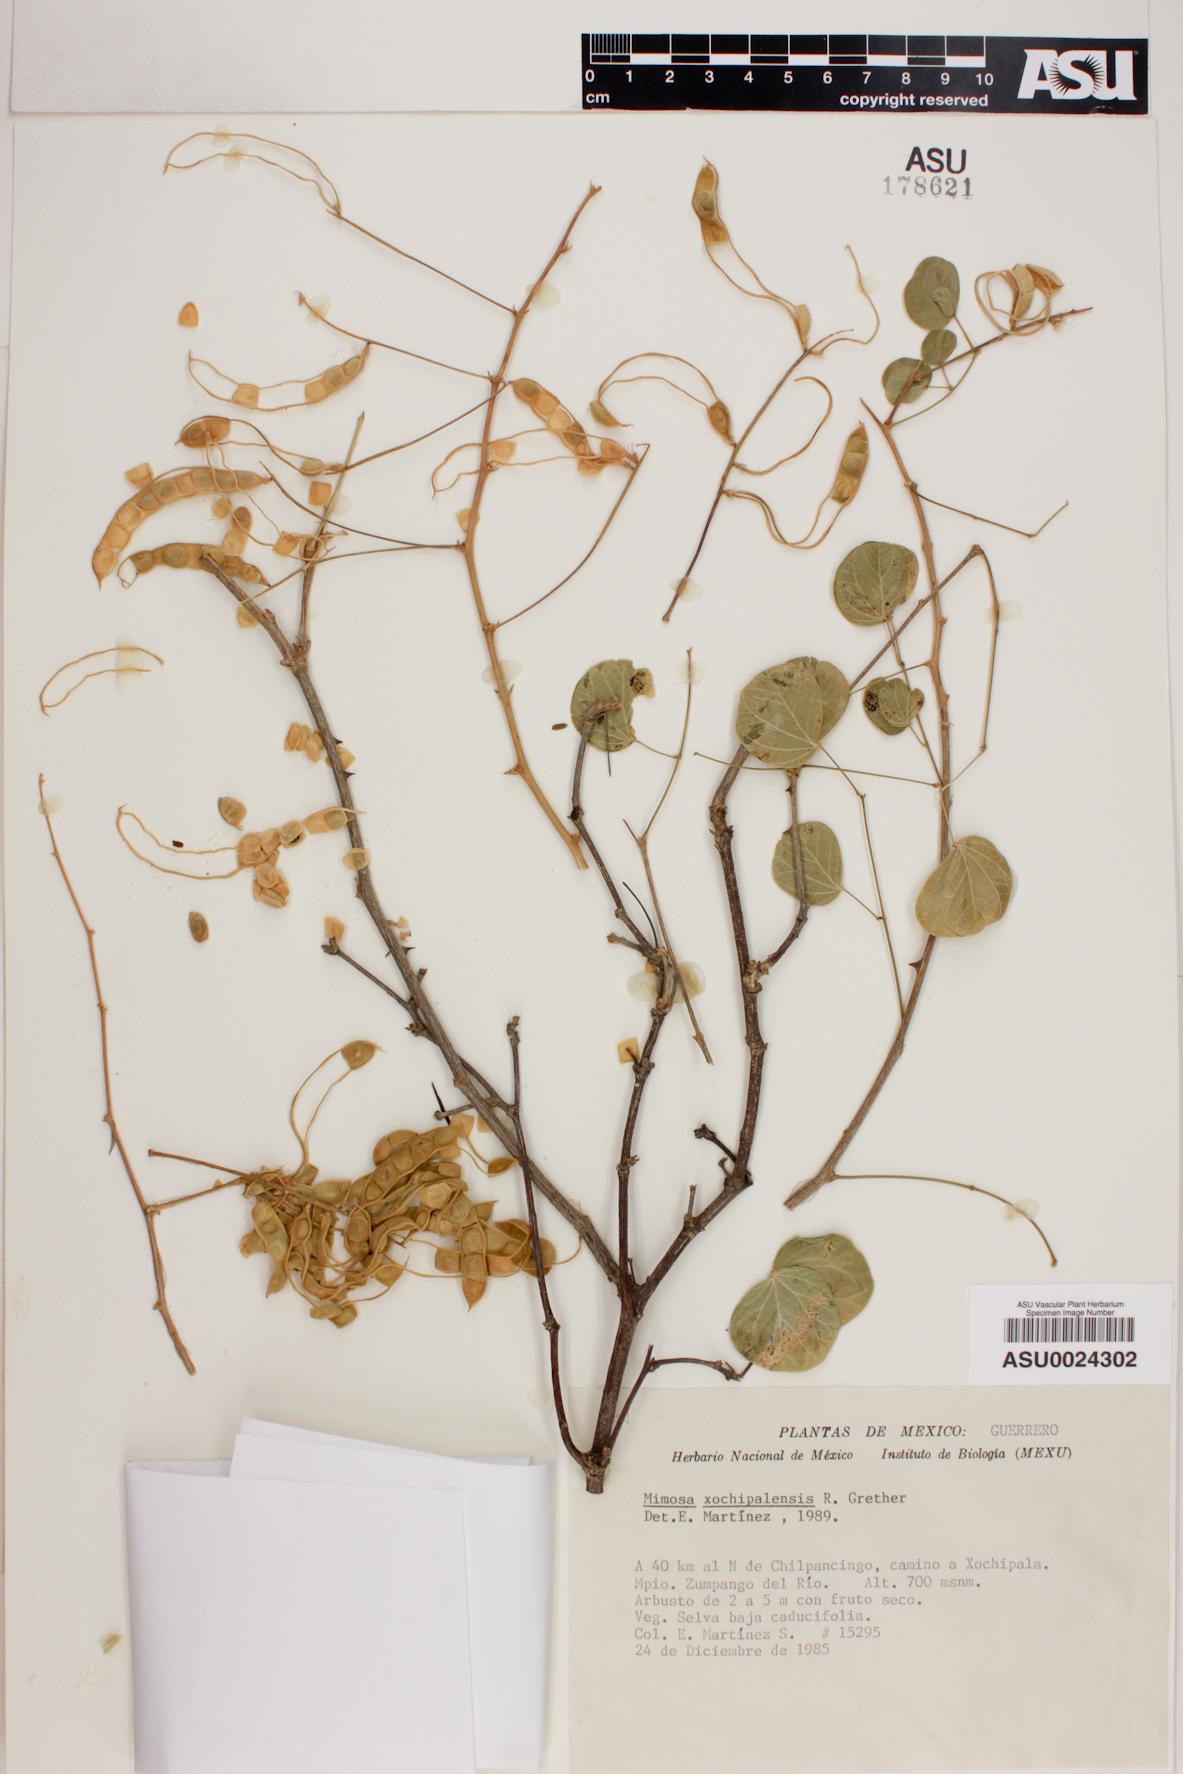 Mimosa xochipalensis image